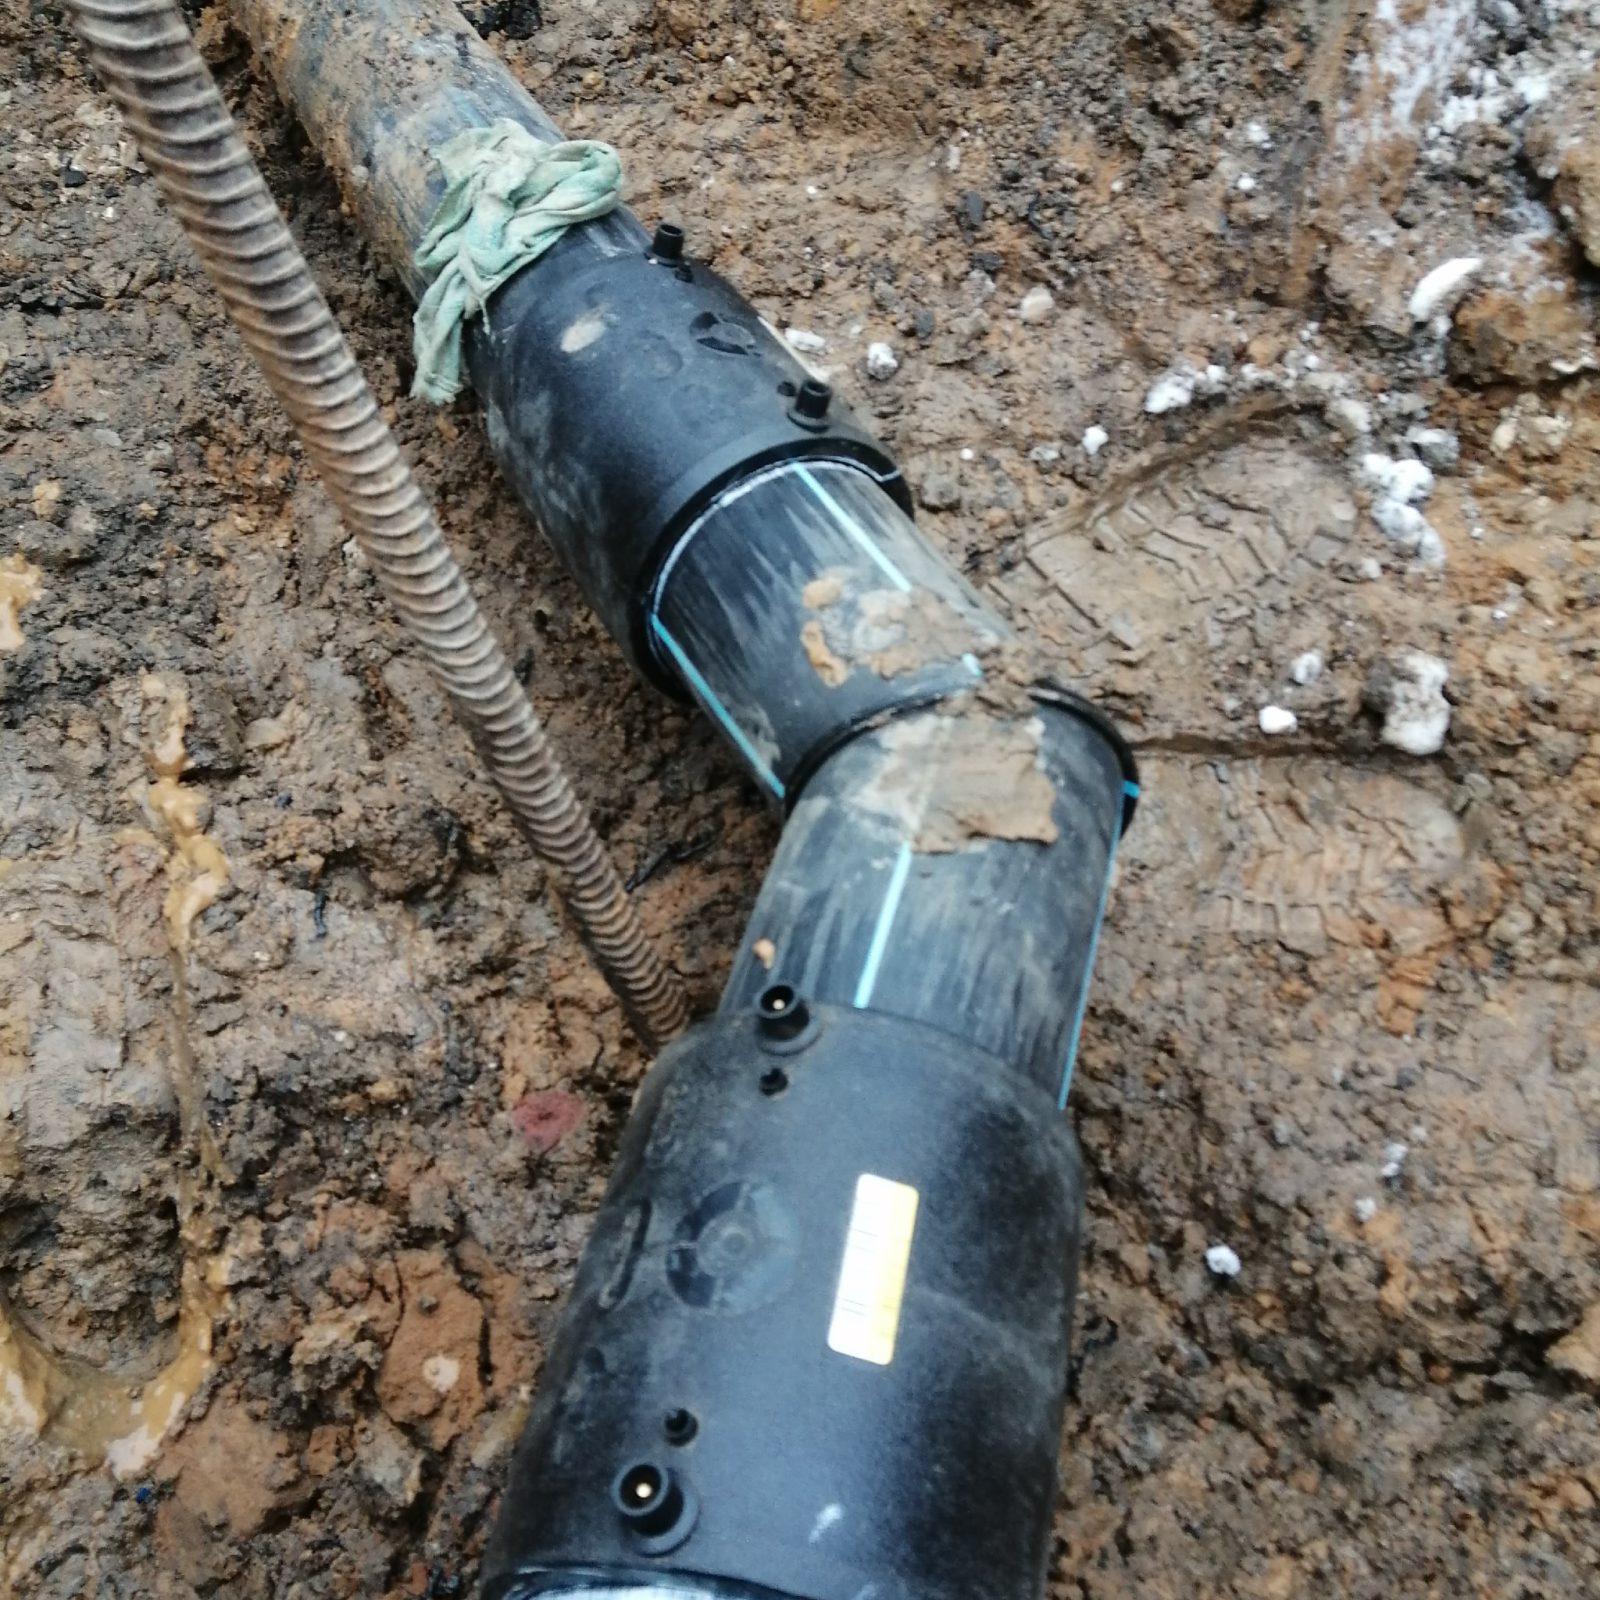 монтаж водоснабжения для школы - угол поворота 45 градусов